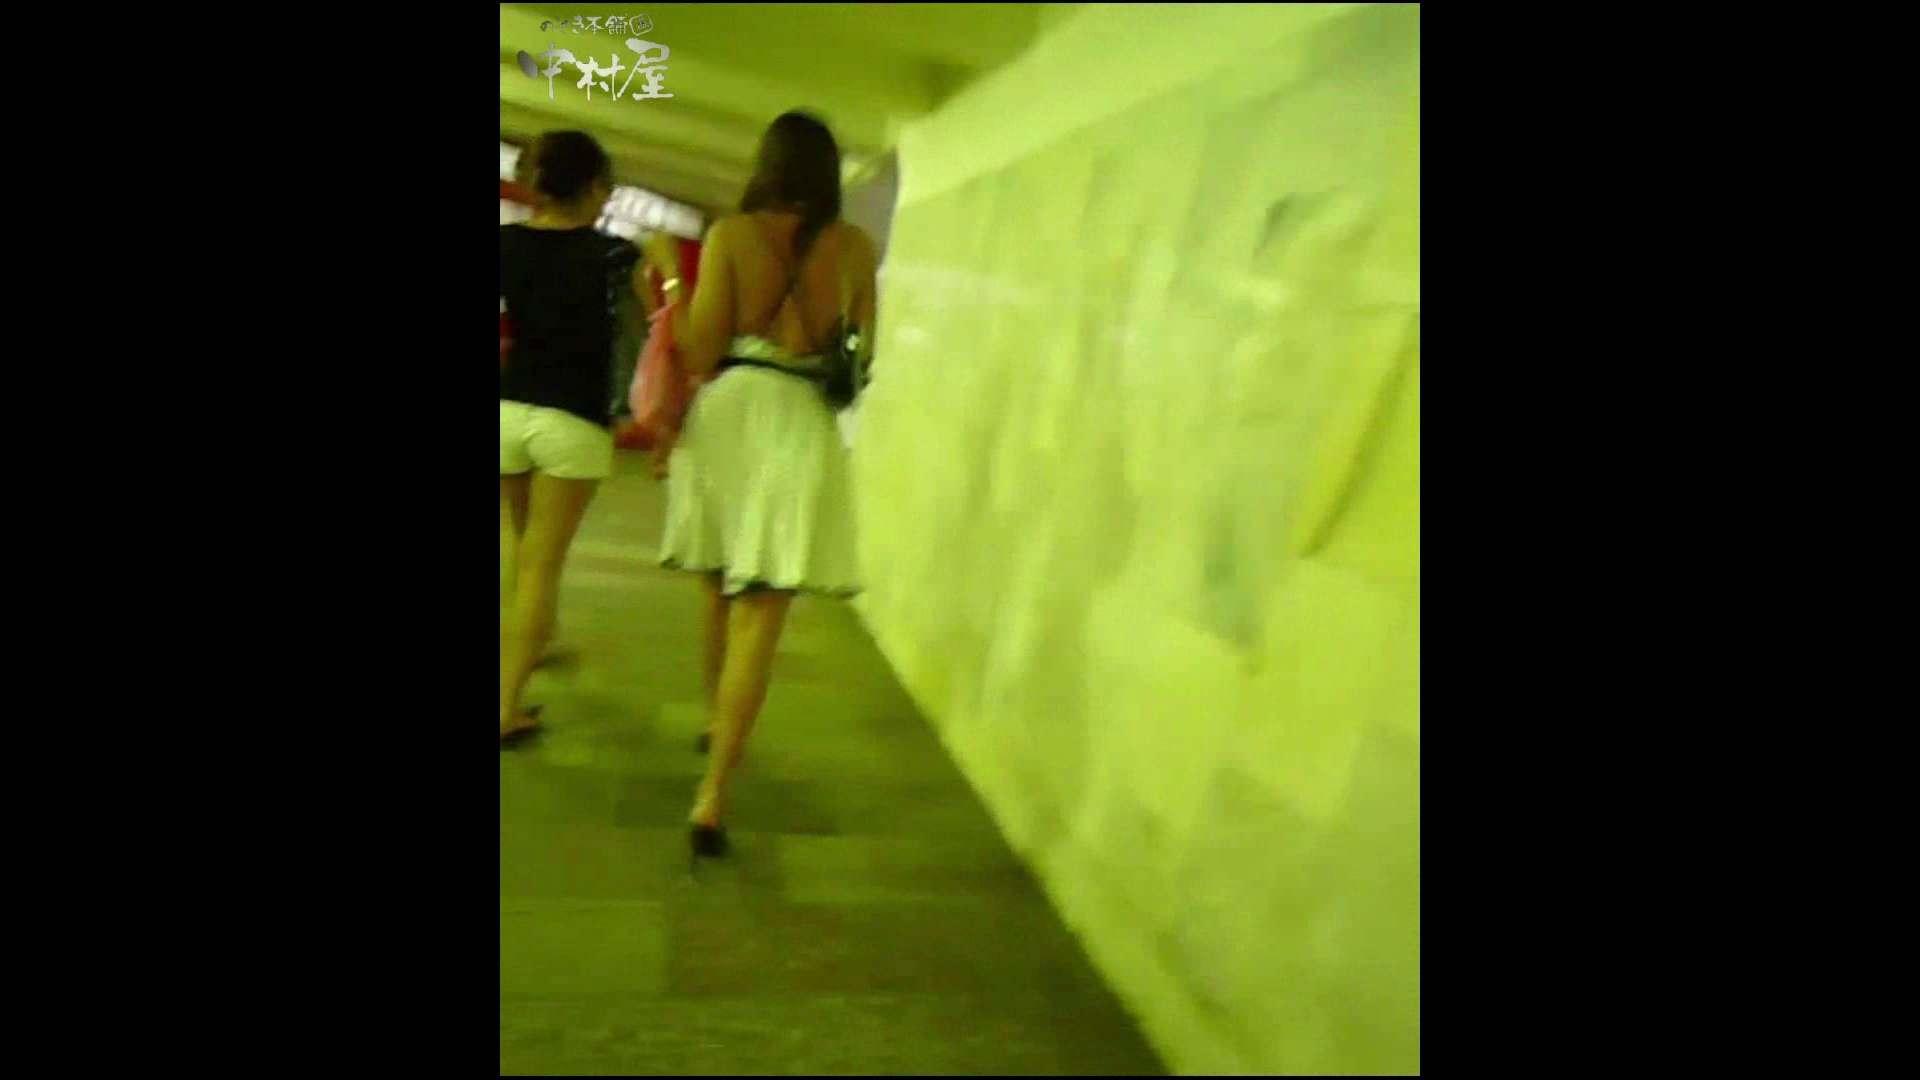 綺麗なモデルさんのスカート捲っちゃおう‼ vol26 モデル われめAV動画紹介 80pic 29